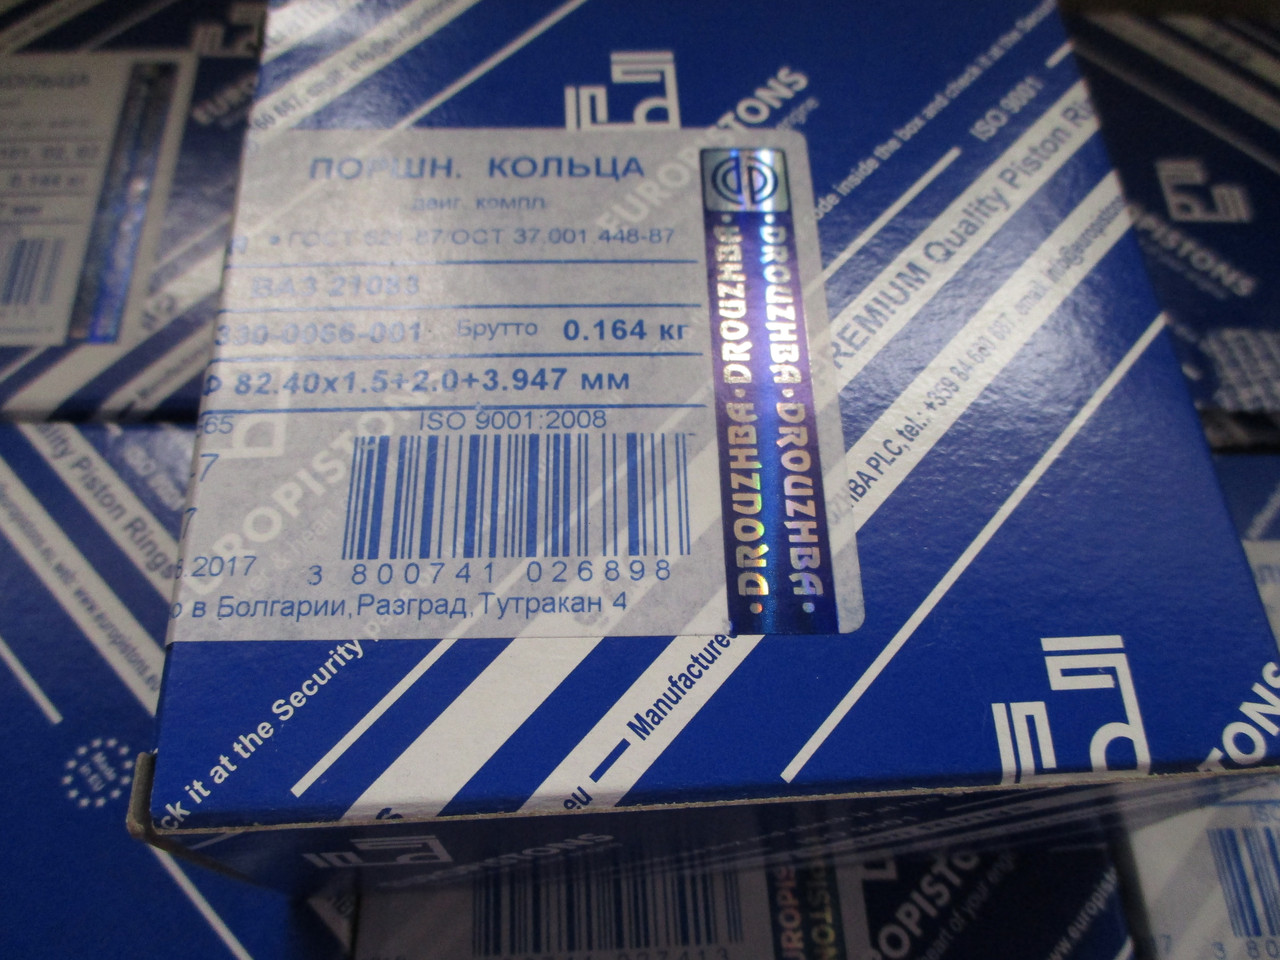 Кольца поршневые ДружбаБолгария 2108 76.4